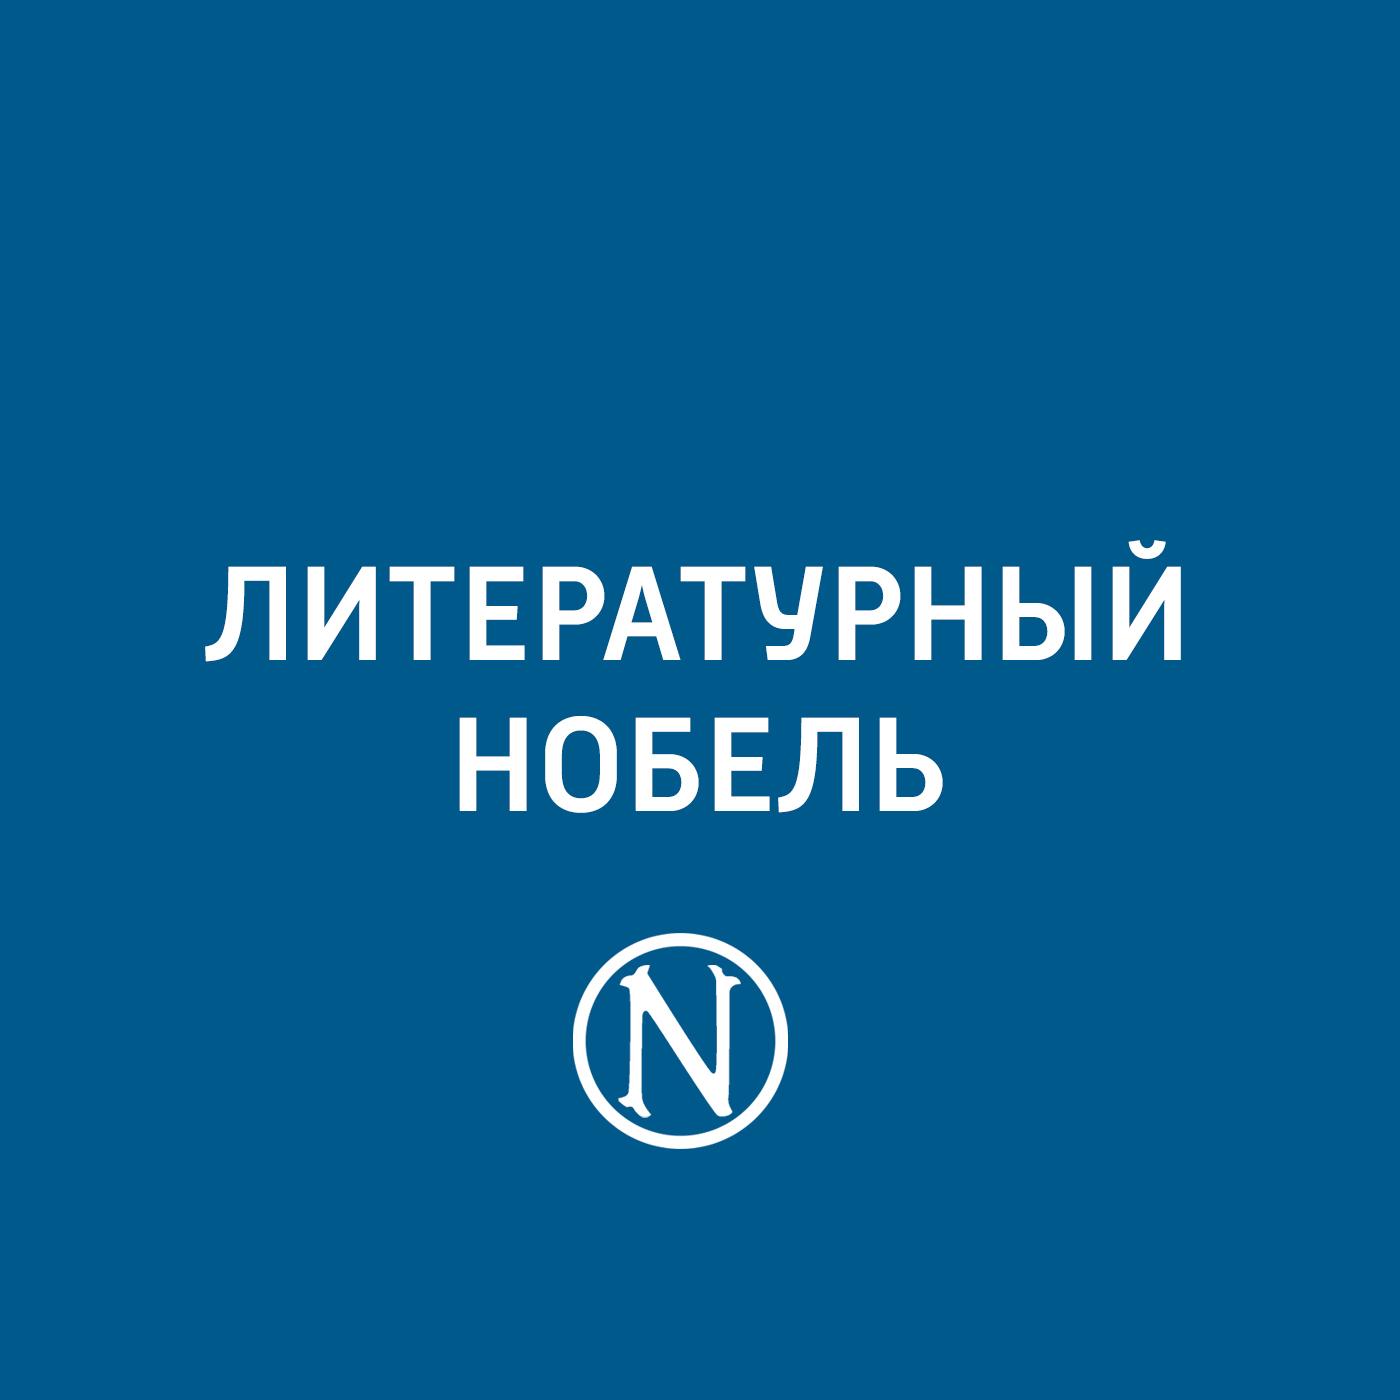 Александр Солженицын